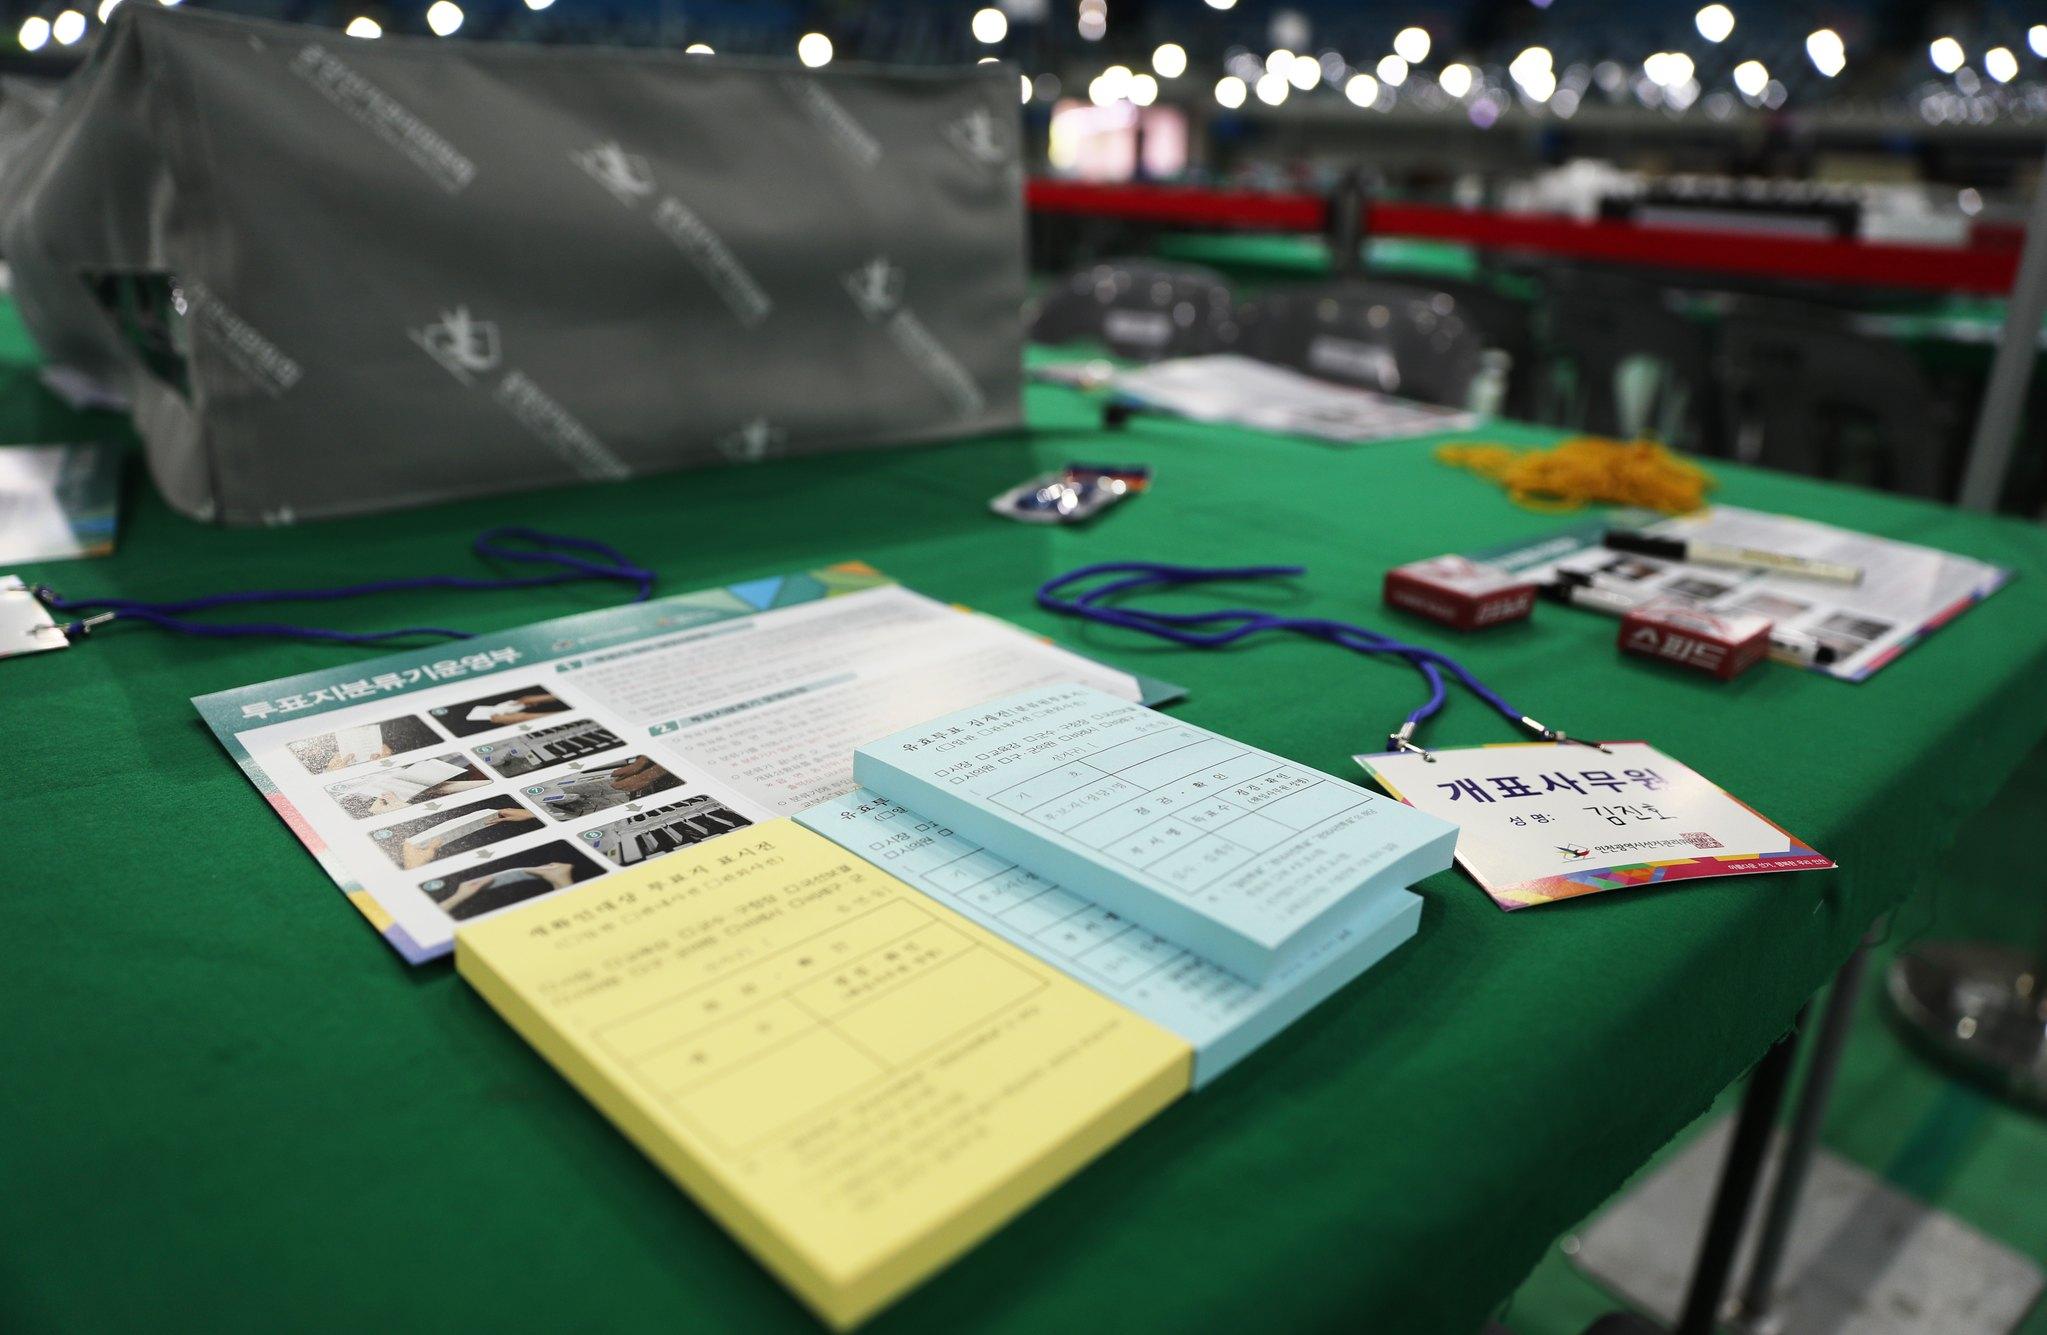 6·13 지방선거 투표일인 13일 오후 인천시 남동체육관 개표소의 모습. 선관위에 따르면 이날 오후 1시 기준 인천 선거인 244만779명 중 95만1942명이 투표를 마쳐 39%를 투표율을 기록했다. [뉴스1]